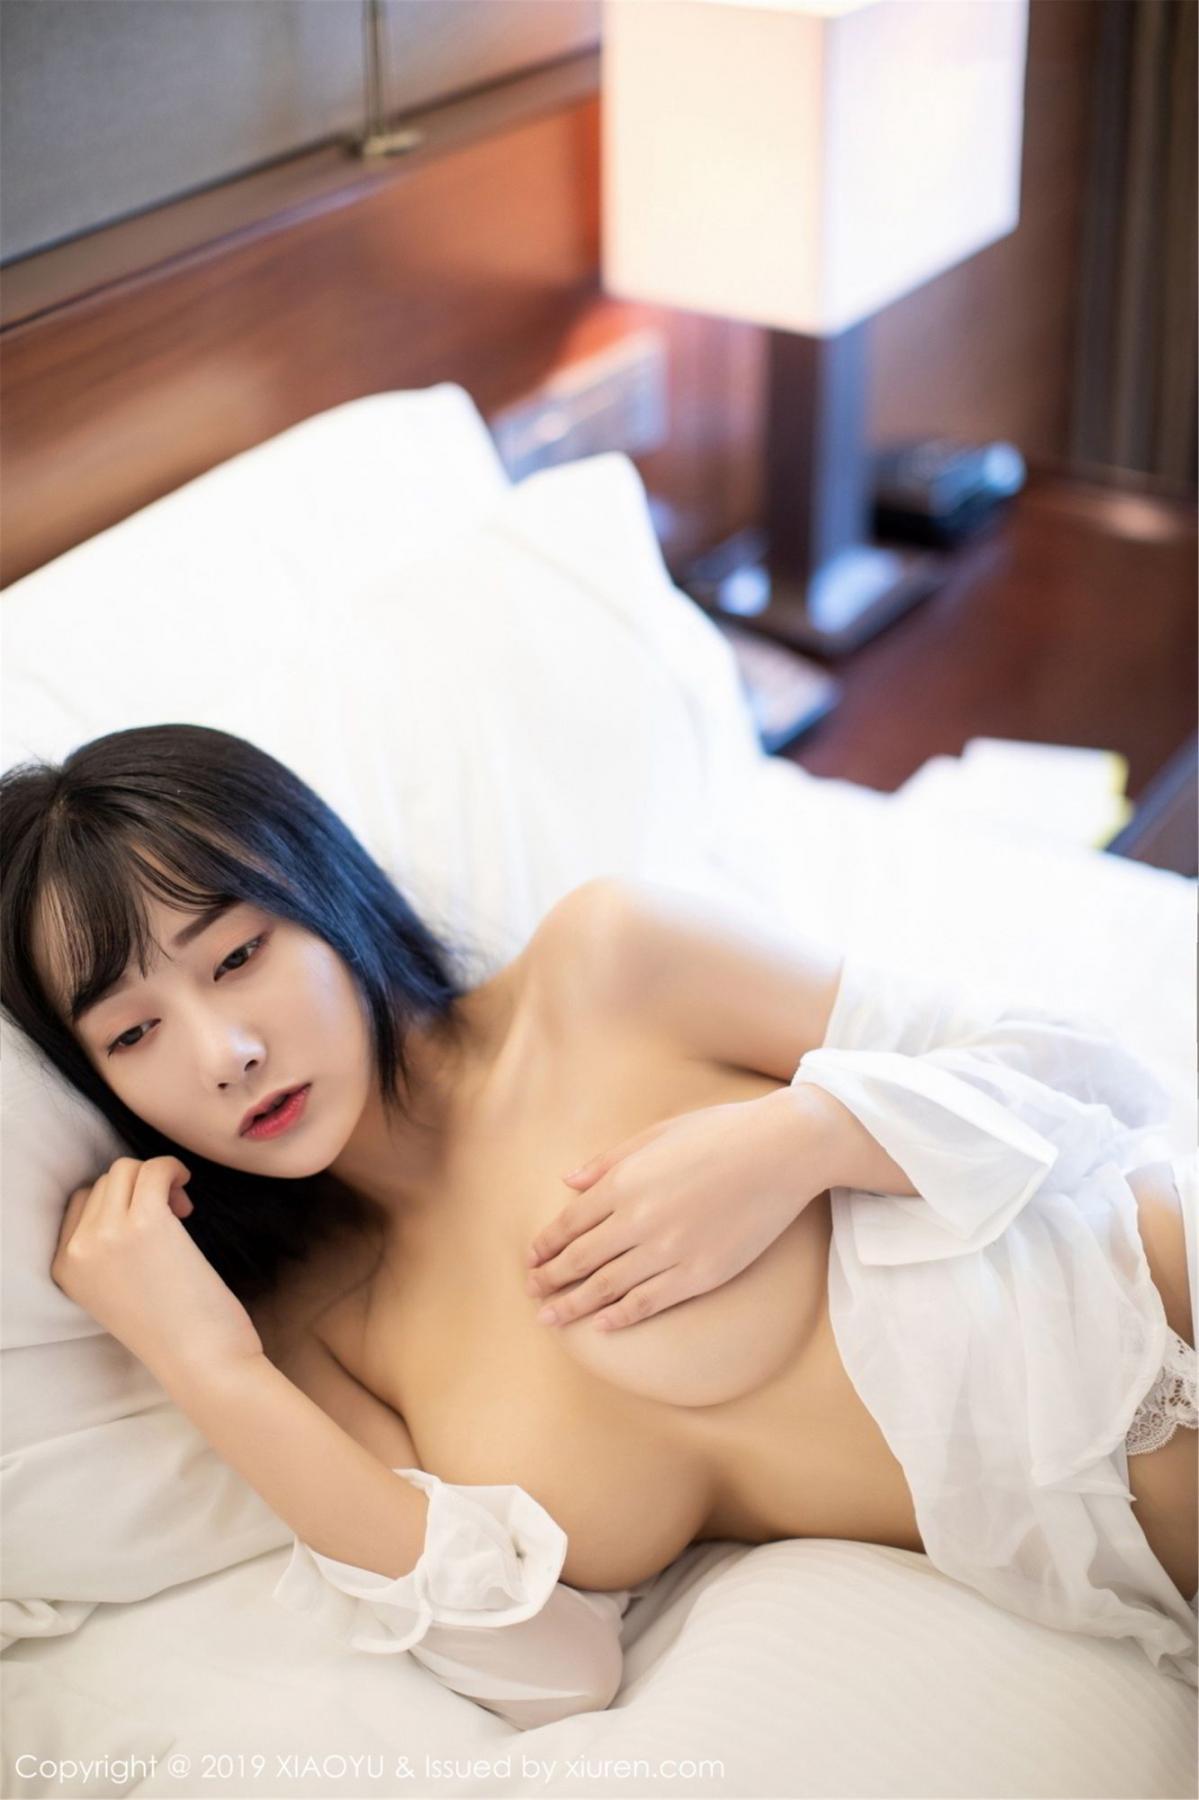 [XiaoYu] Vol.076 He Jia Ying 47P, He Jia Ying, Underwear, XiaoYu